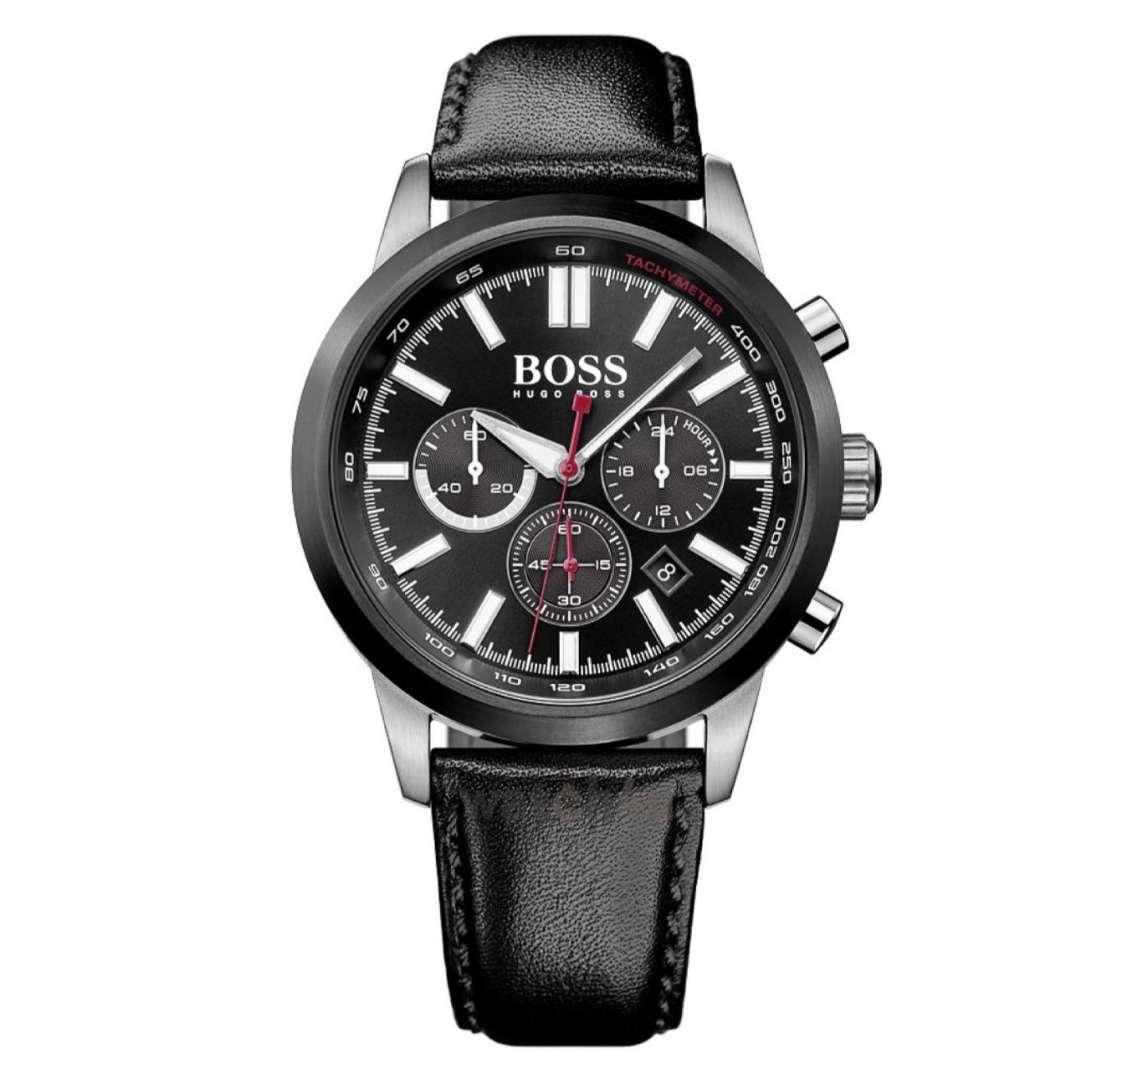 שעון יד אנלוגי hugo boss 1513191 הוגו בוס